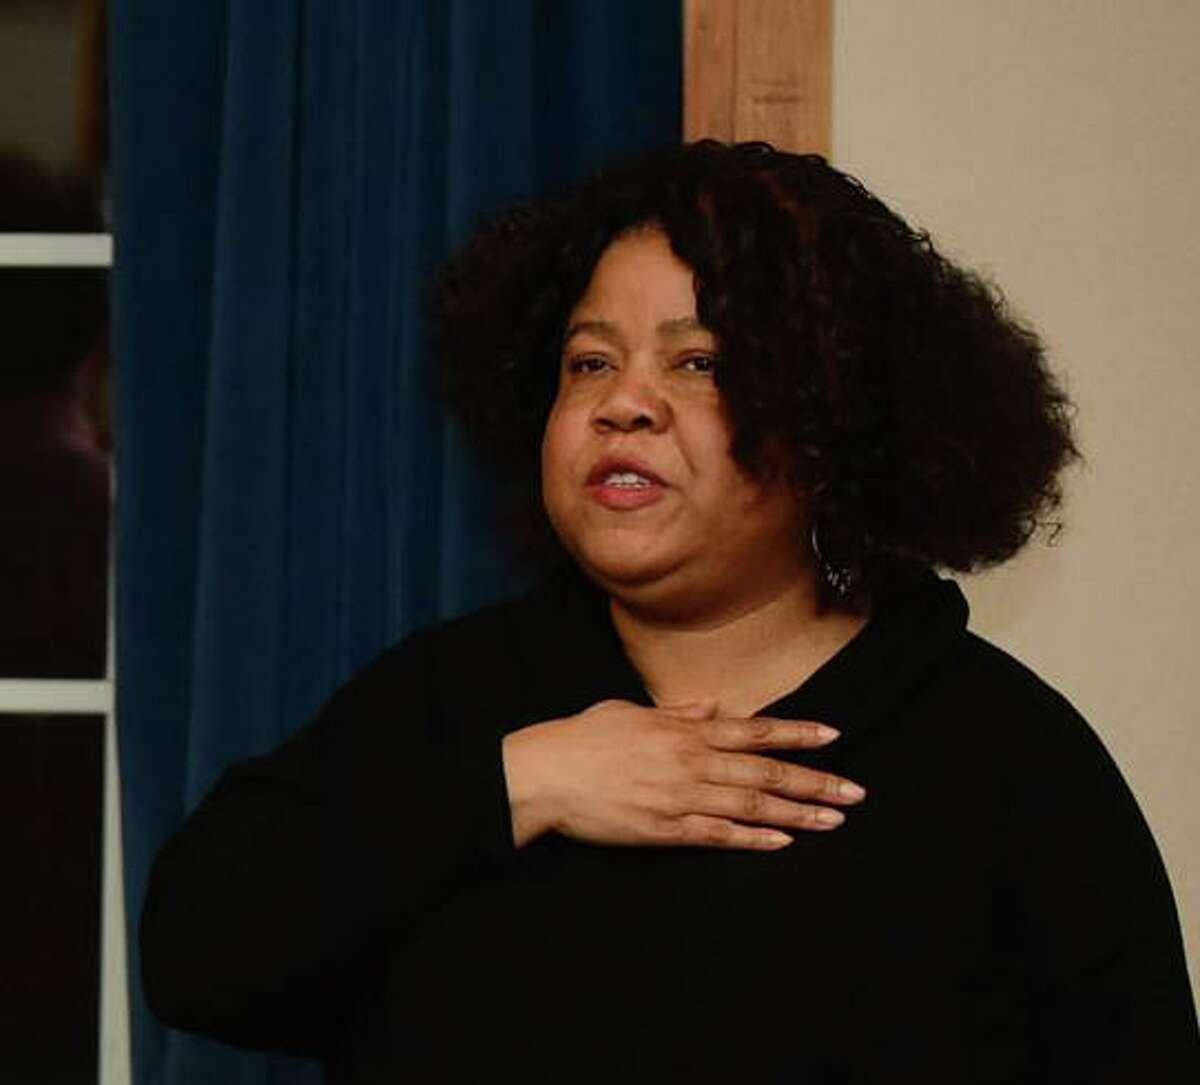 Board of Education member Sherelle Harris